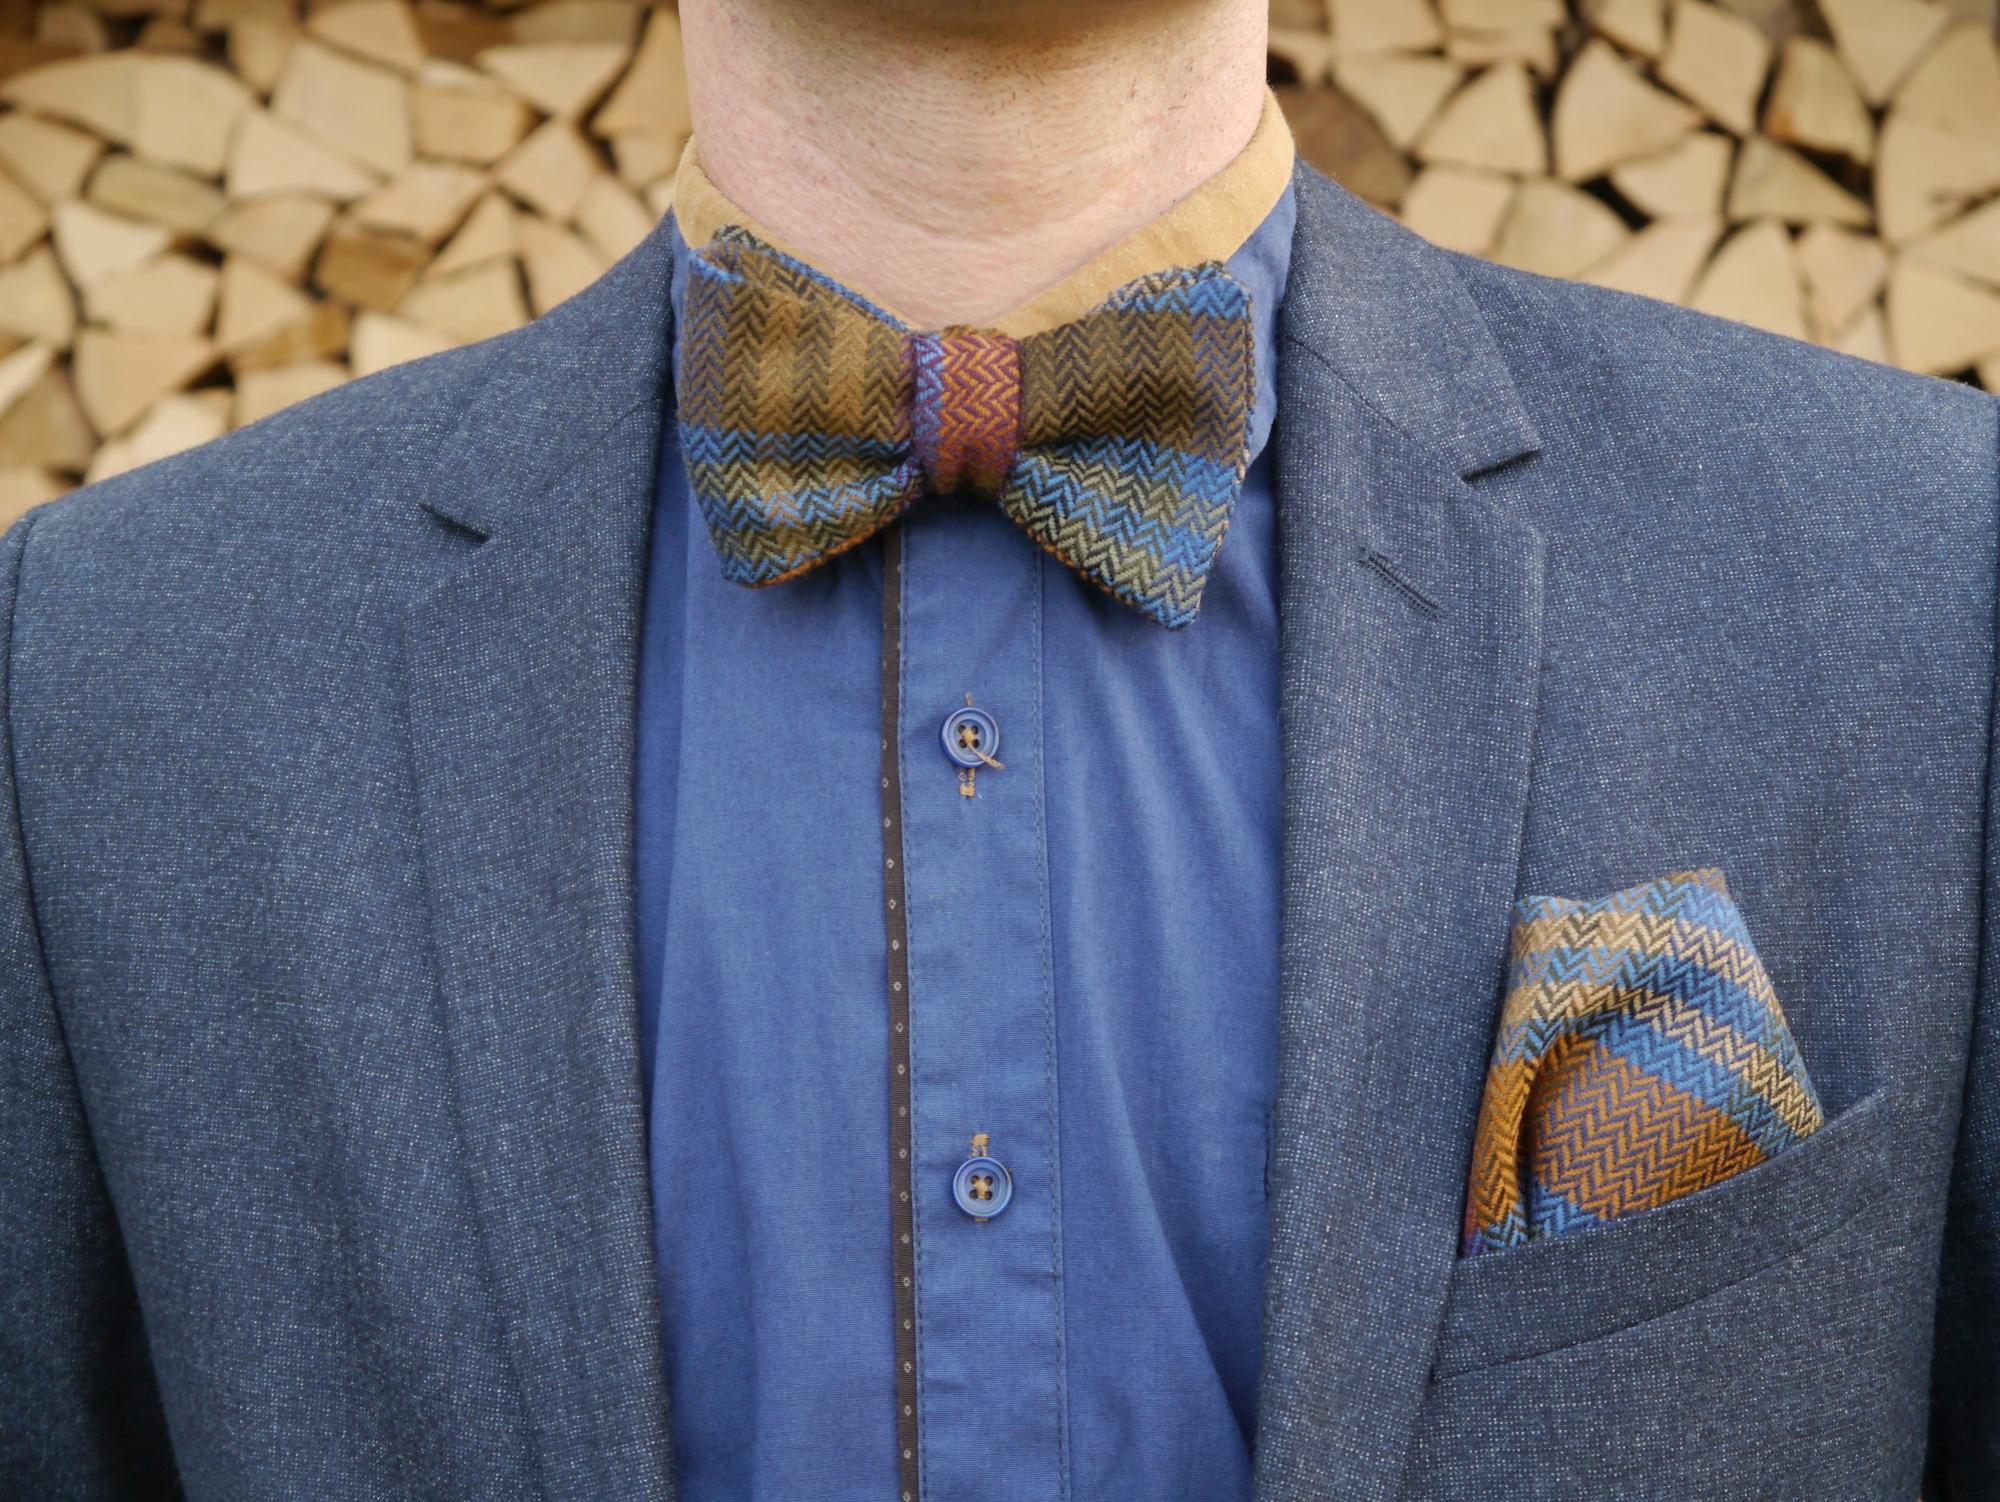 bunte fliege auf blaues hemd und blauer anzug